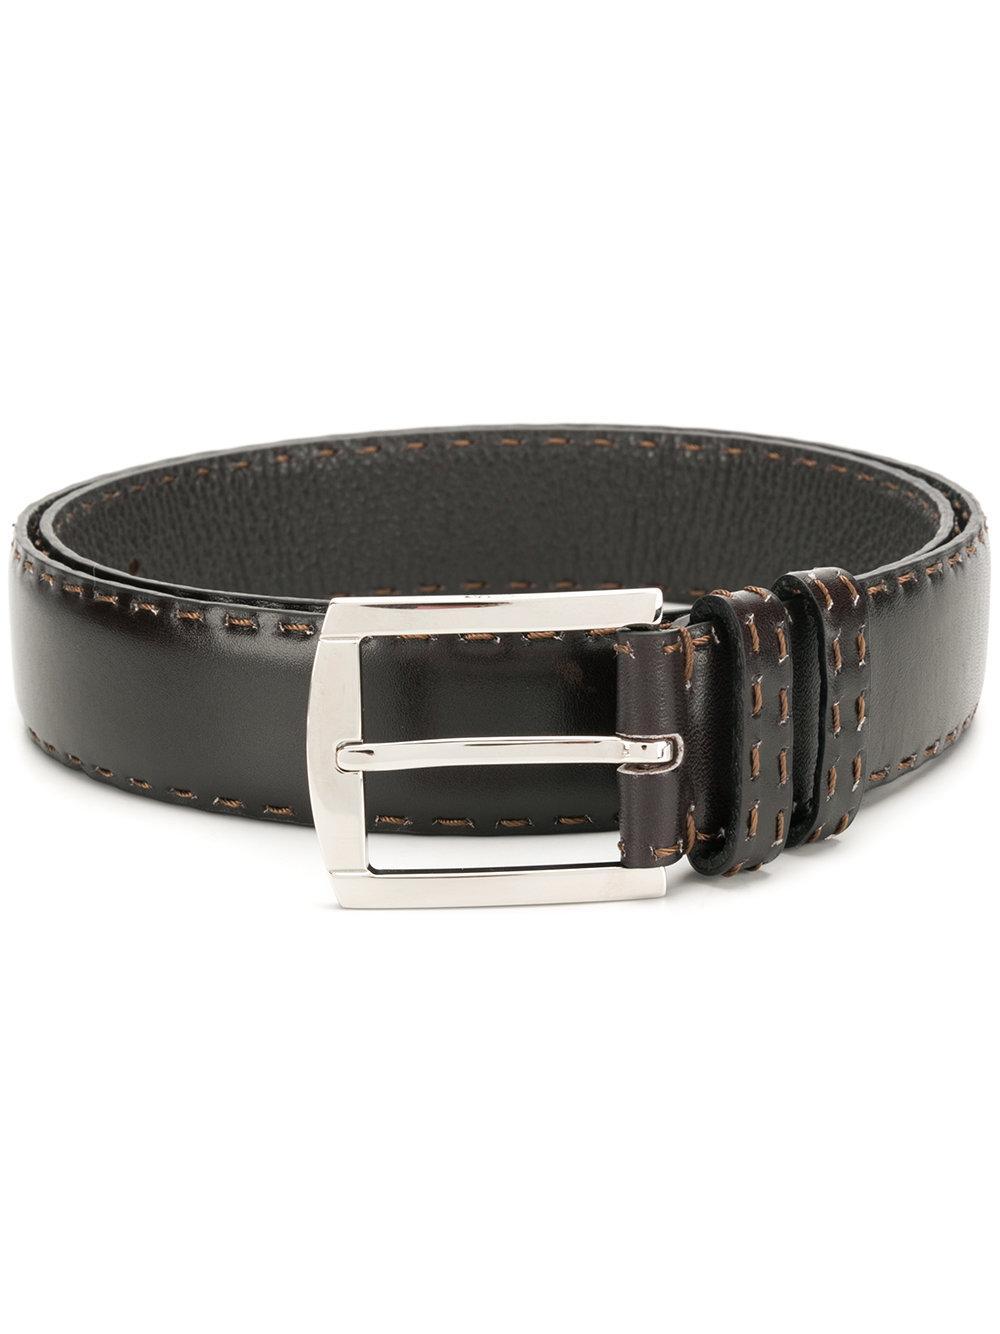 Kiton Stitch Detail Classic Belt - Brown